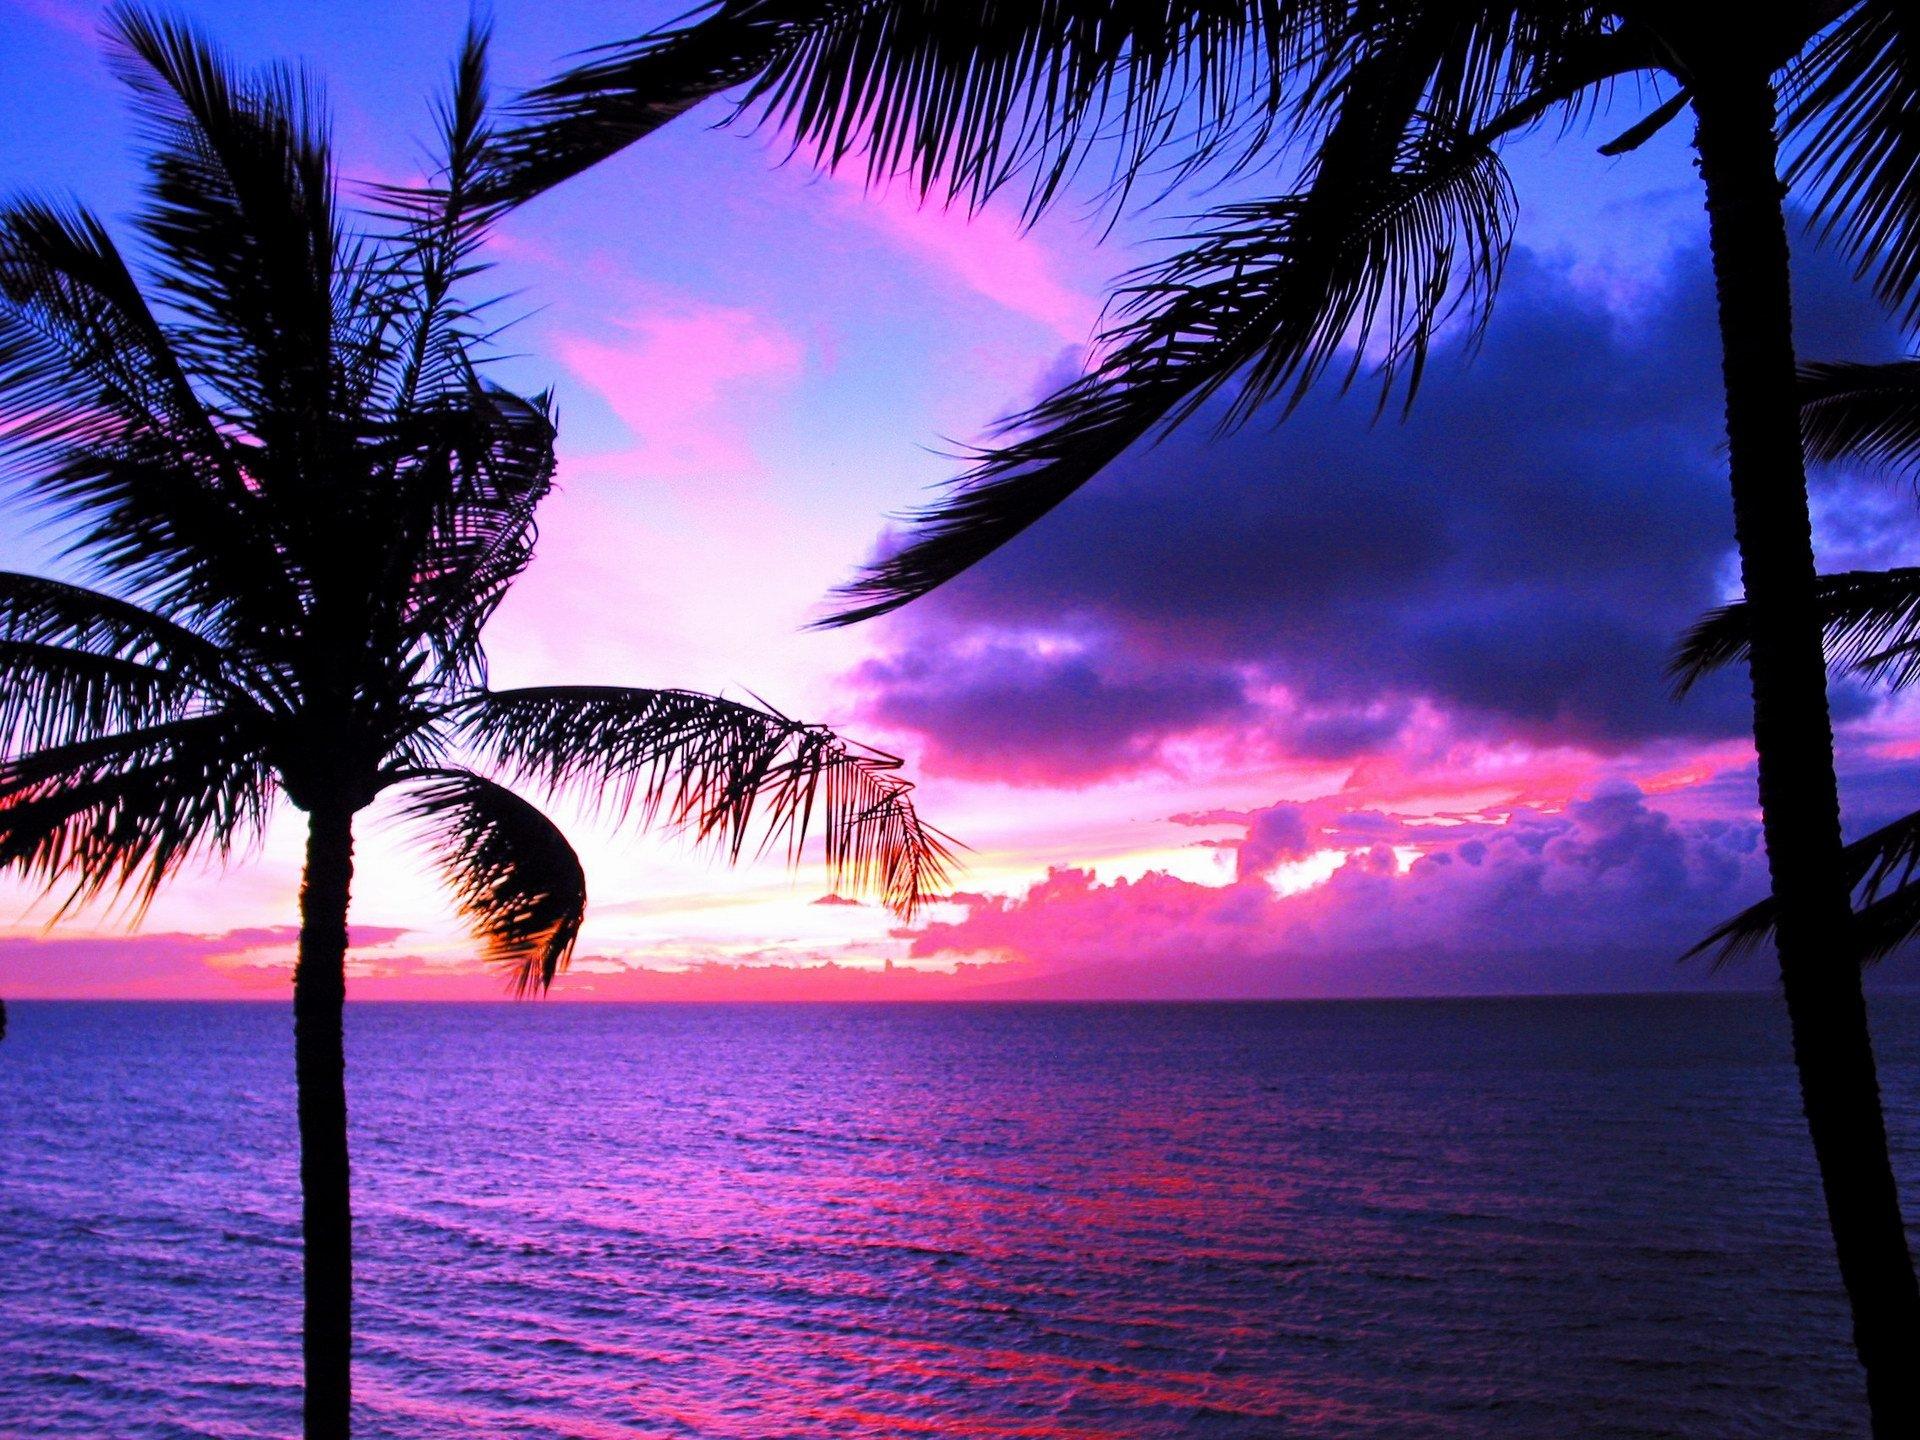 Hawaii Sunset Desktop Wallpaper 16294 Full HD Wallpaper Desktop 1920x1440